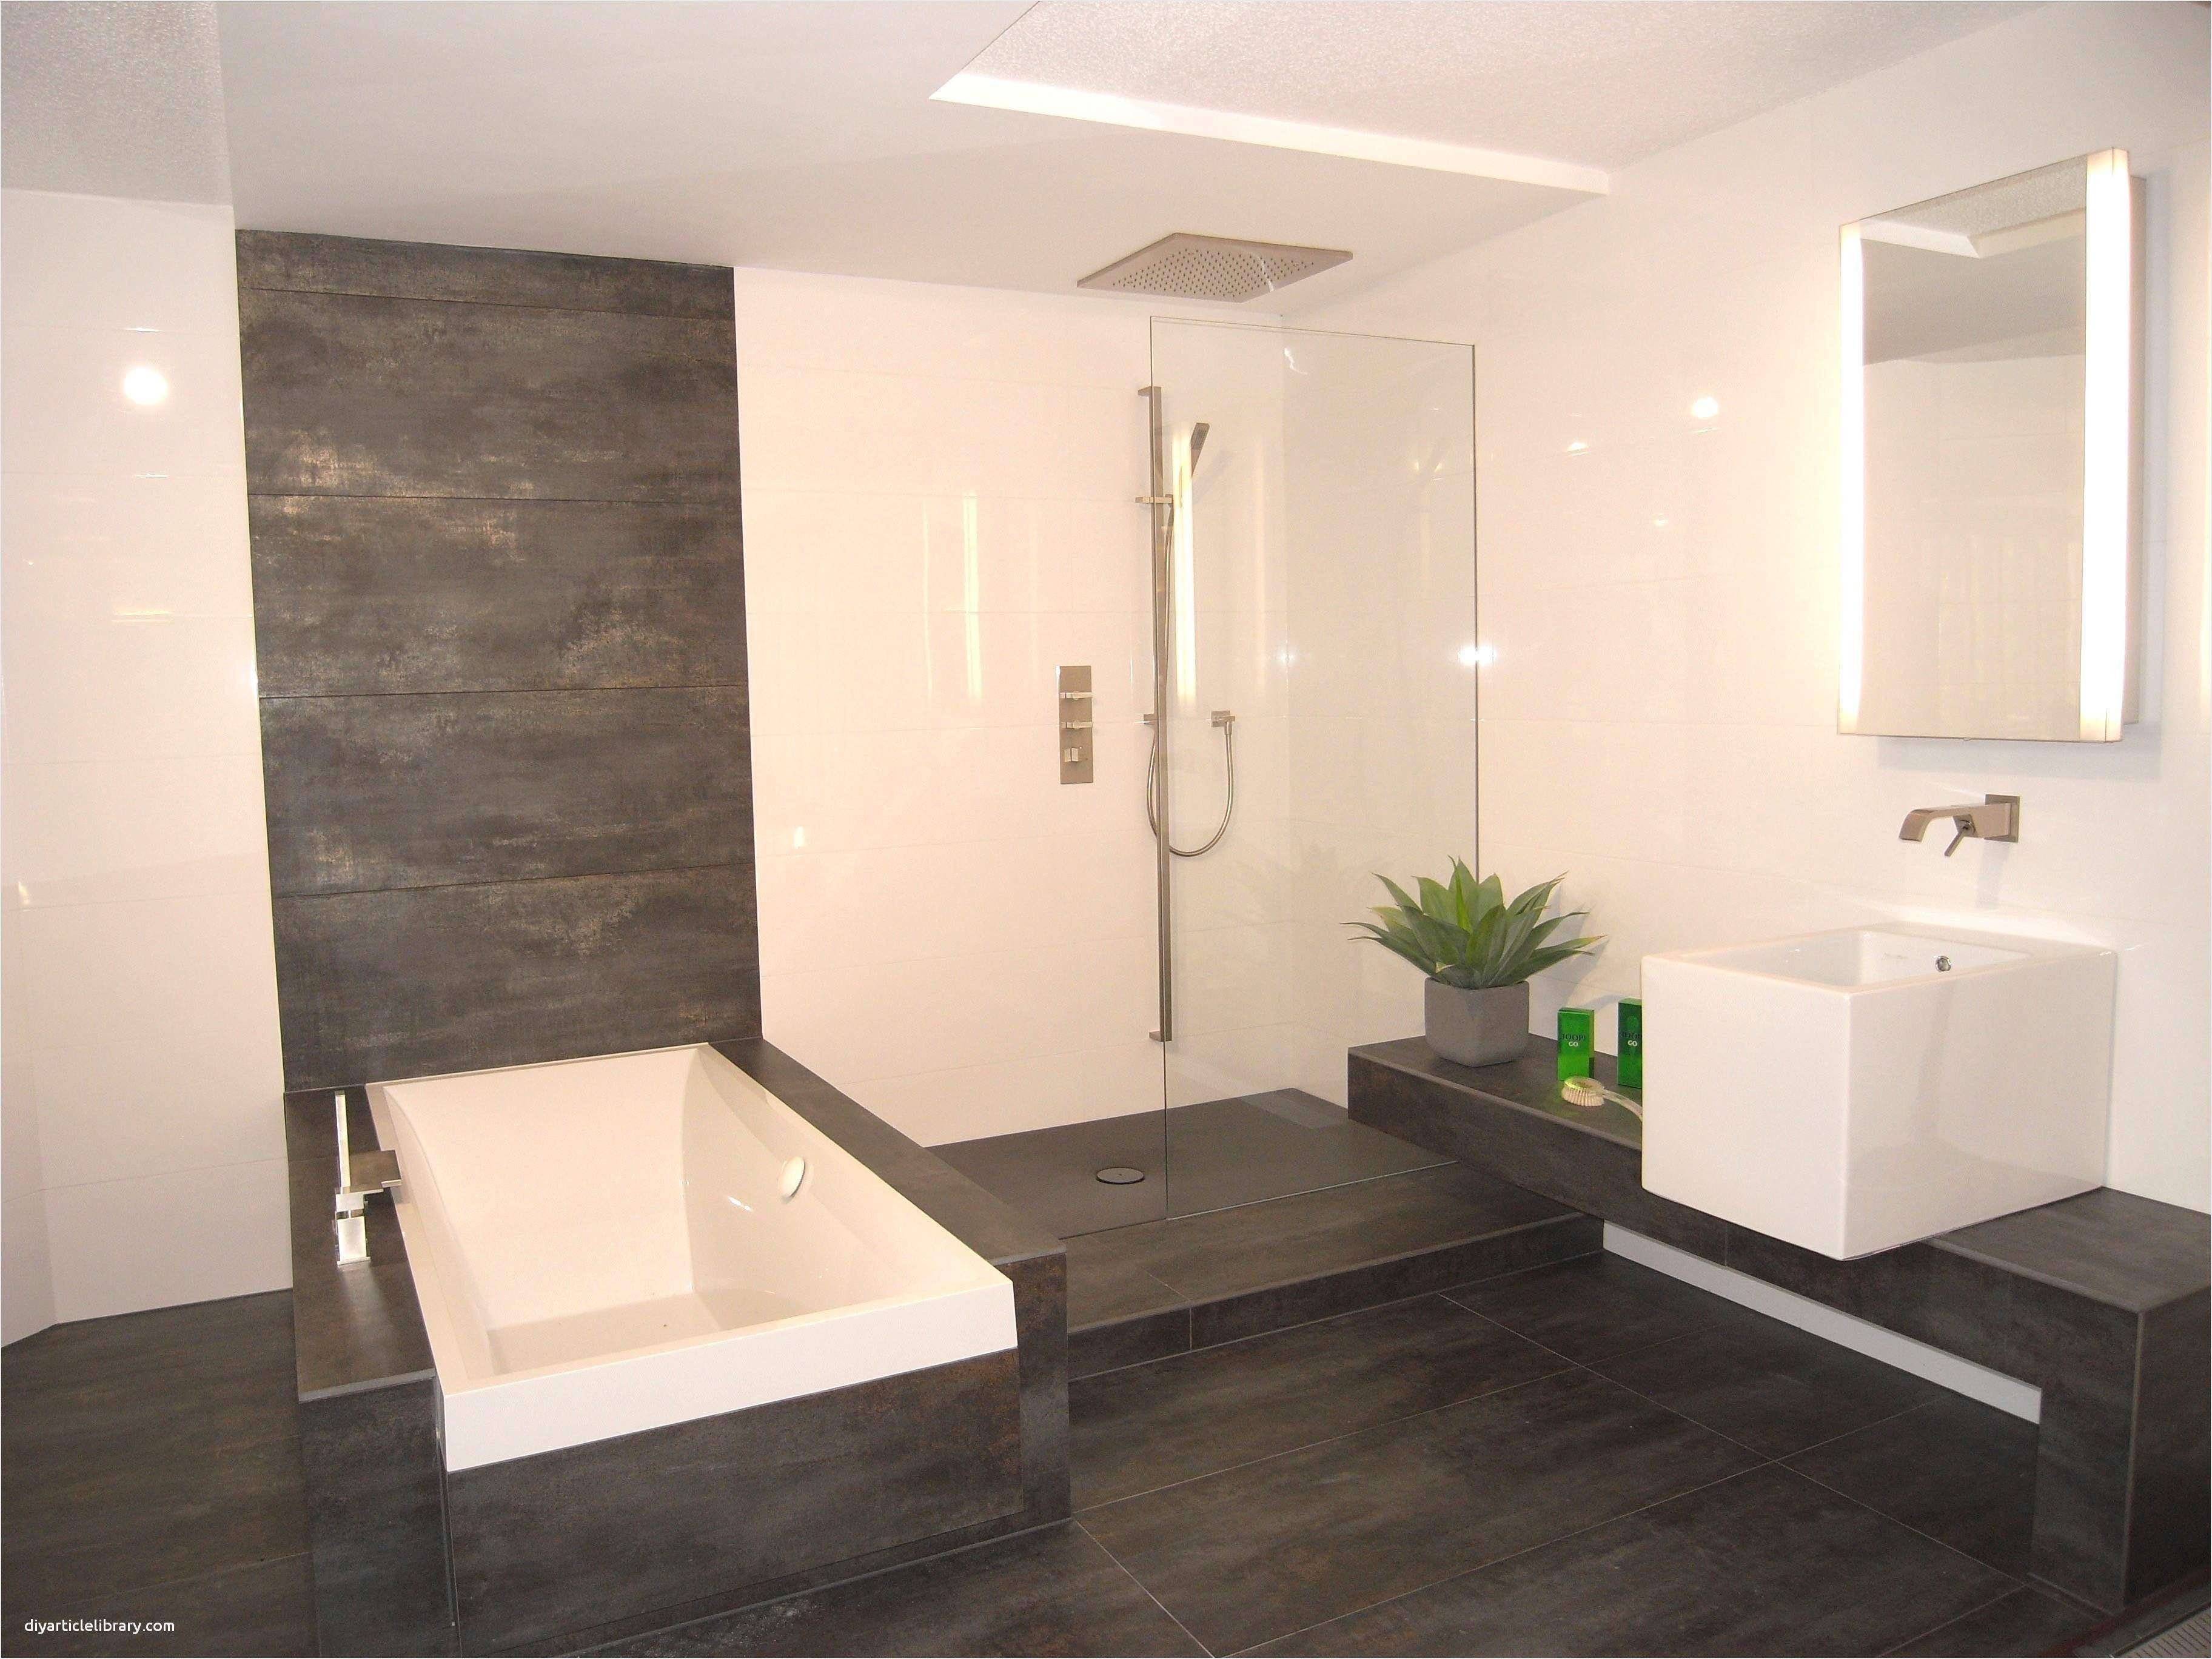 7 Garten Renovieren Kosten Einzigartig Garten Badezimmer Das Beste Von Eintagamsee Bad Fliesen Designs Badezimmer Fliesen Badezimmer Renovieren